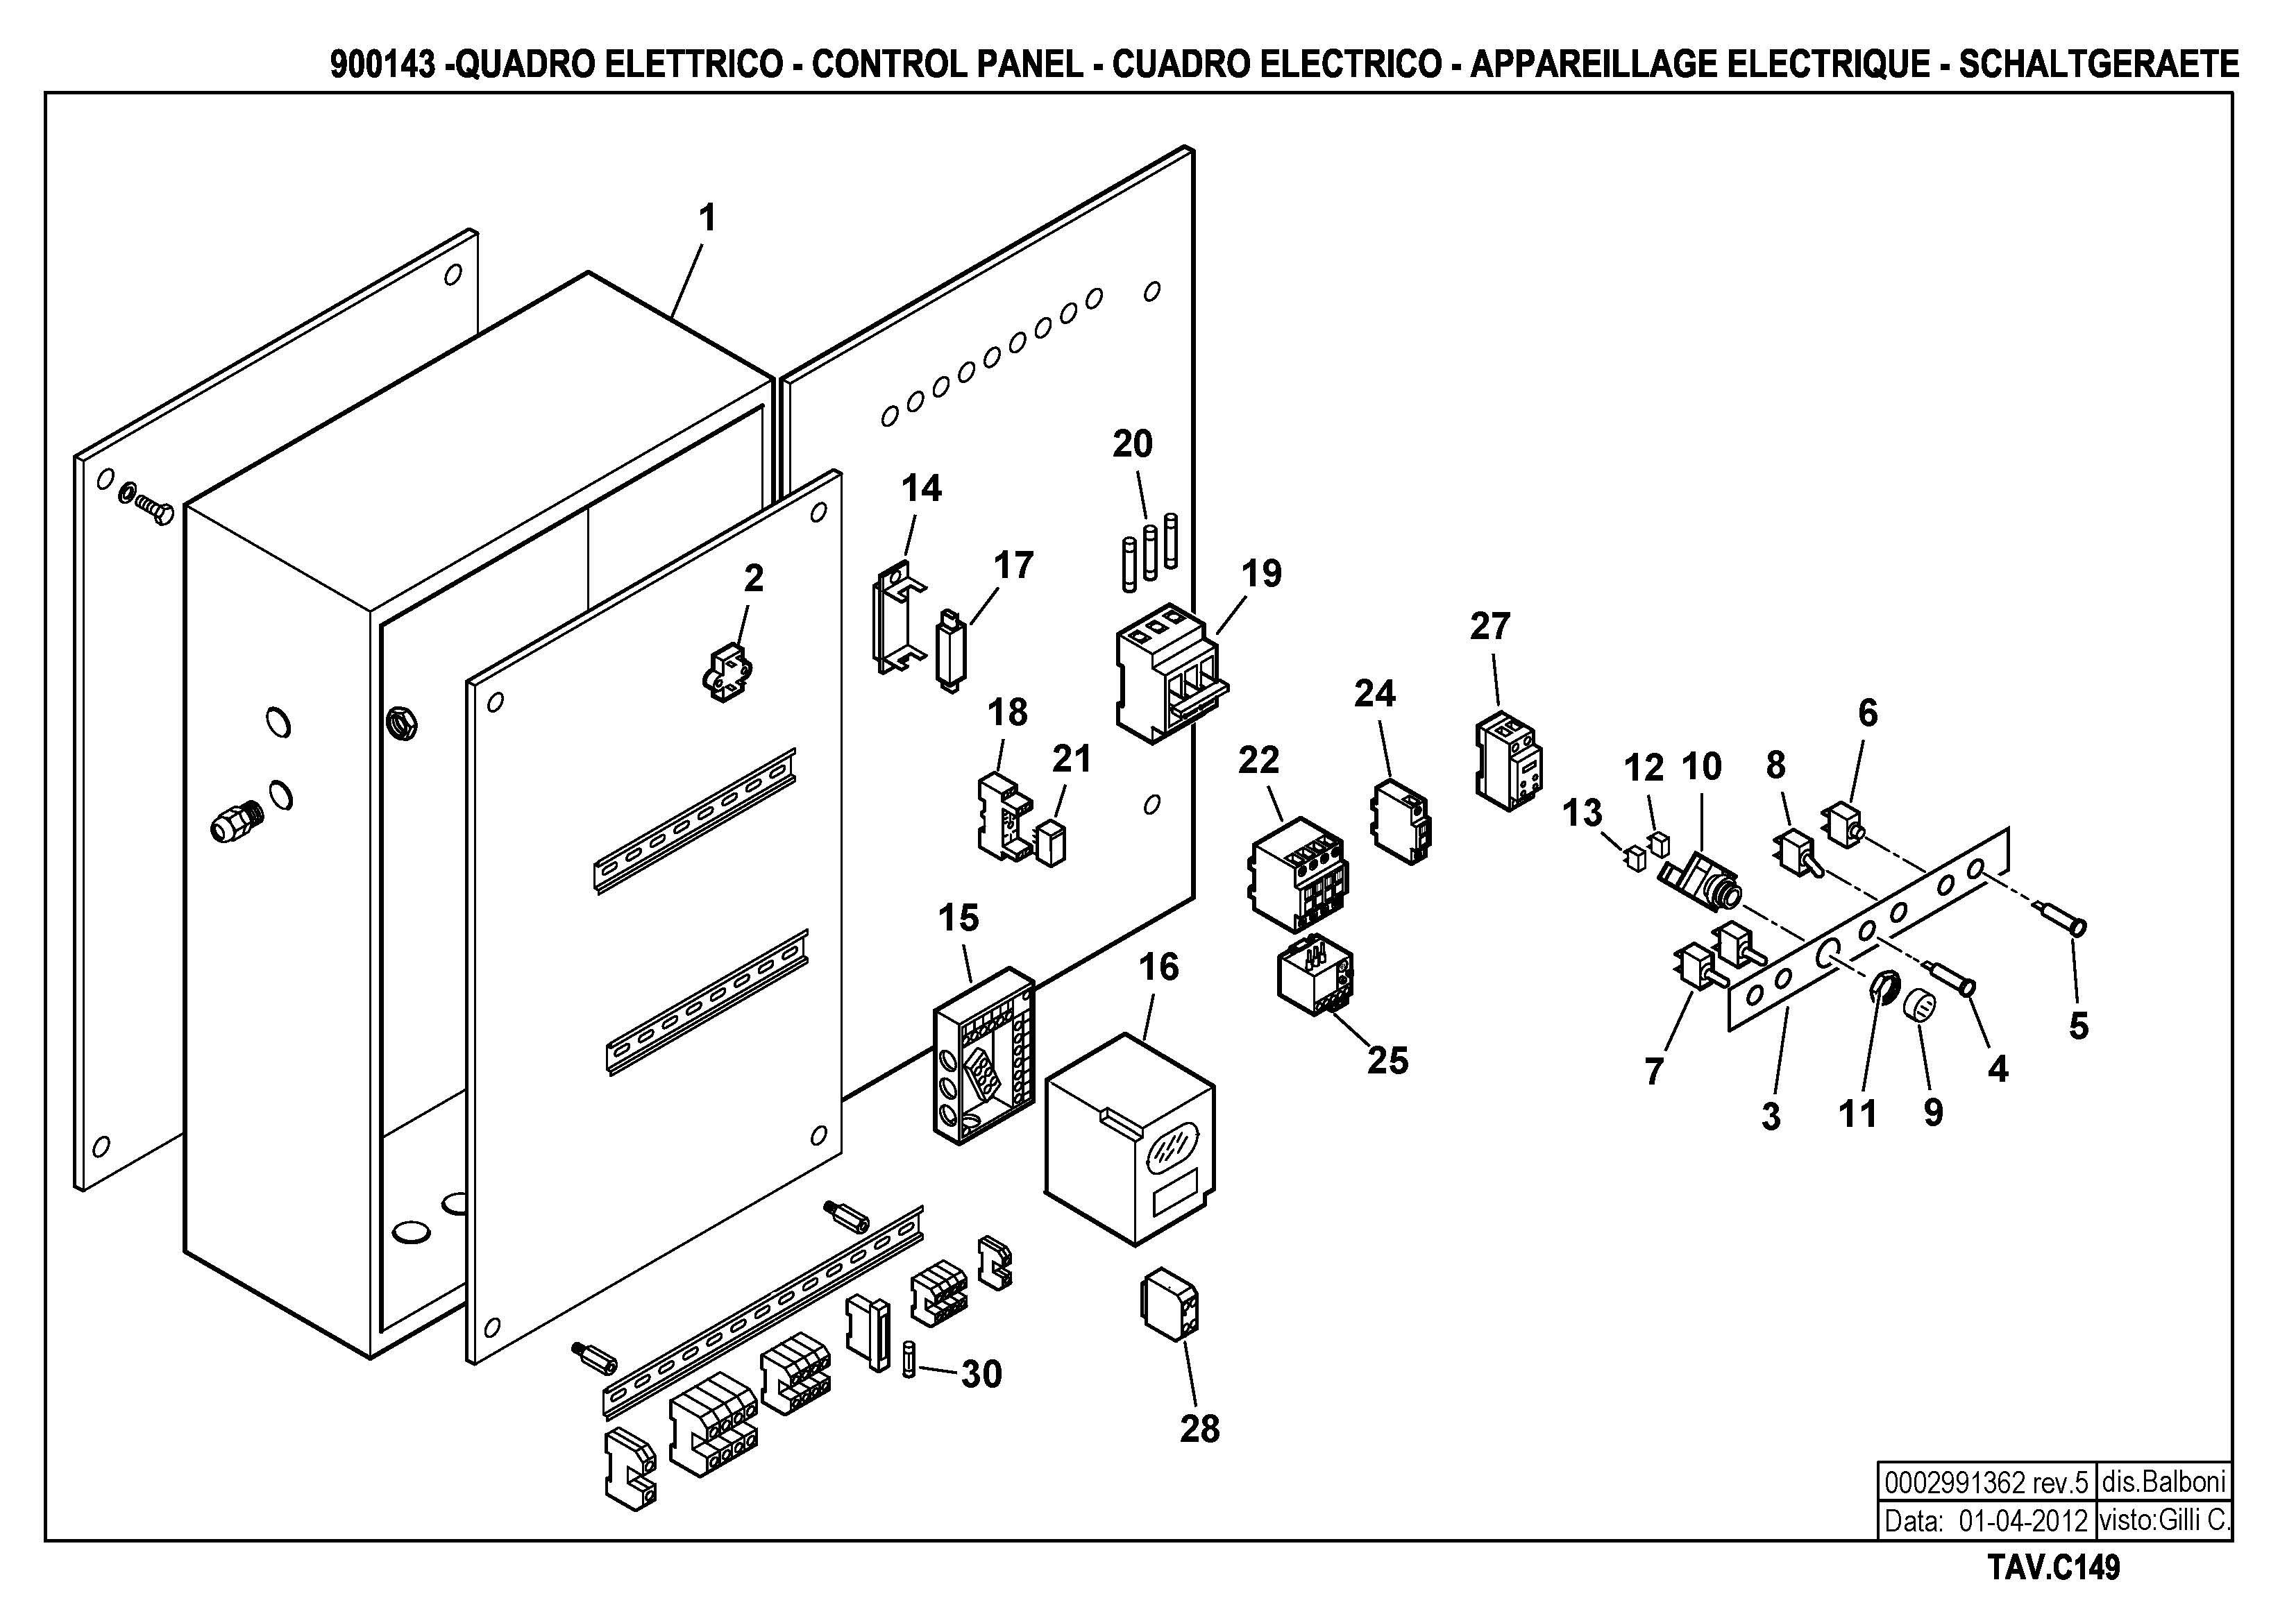 Панель управления C149 900143 5 20120401